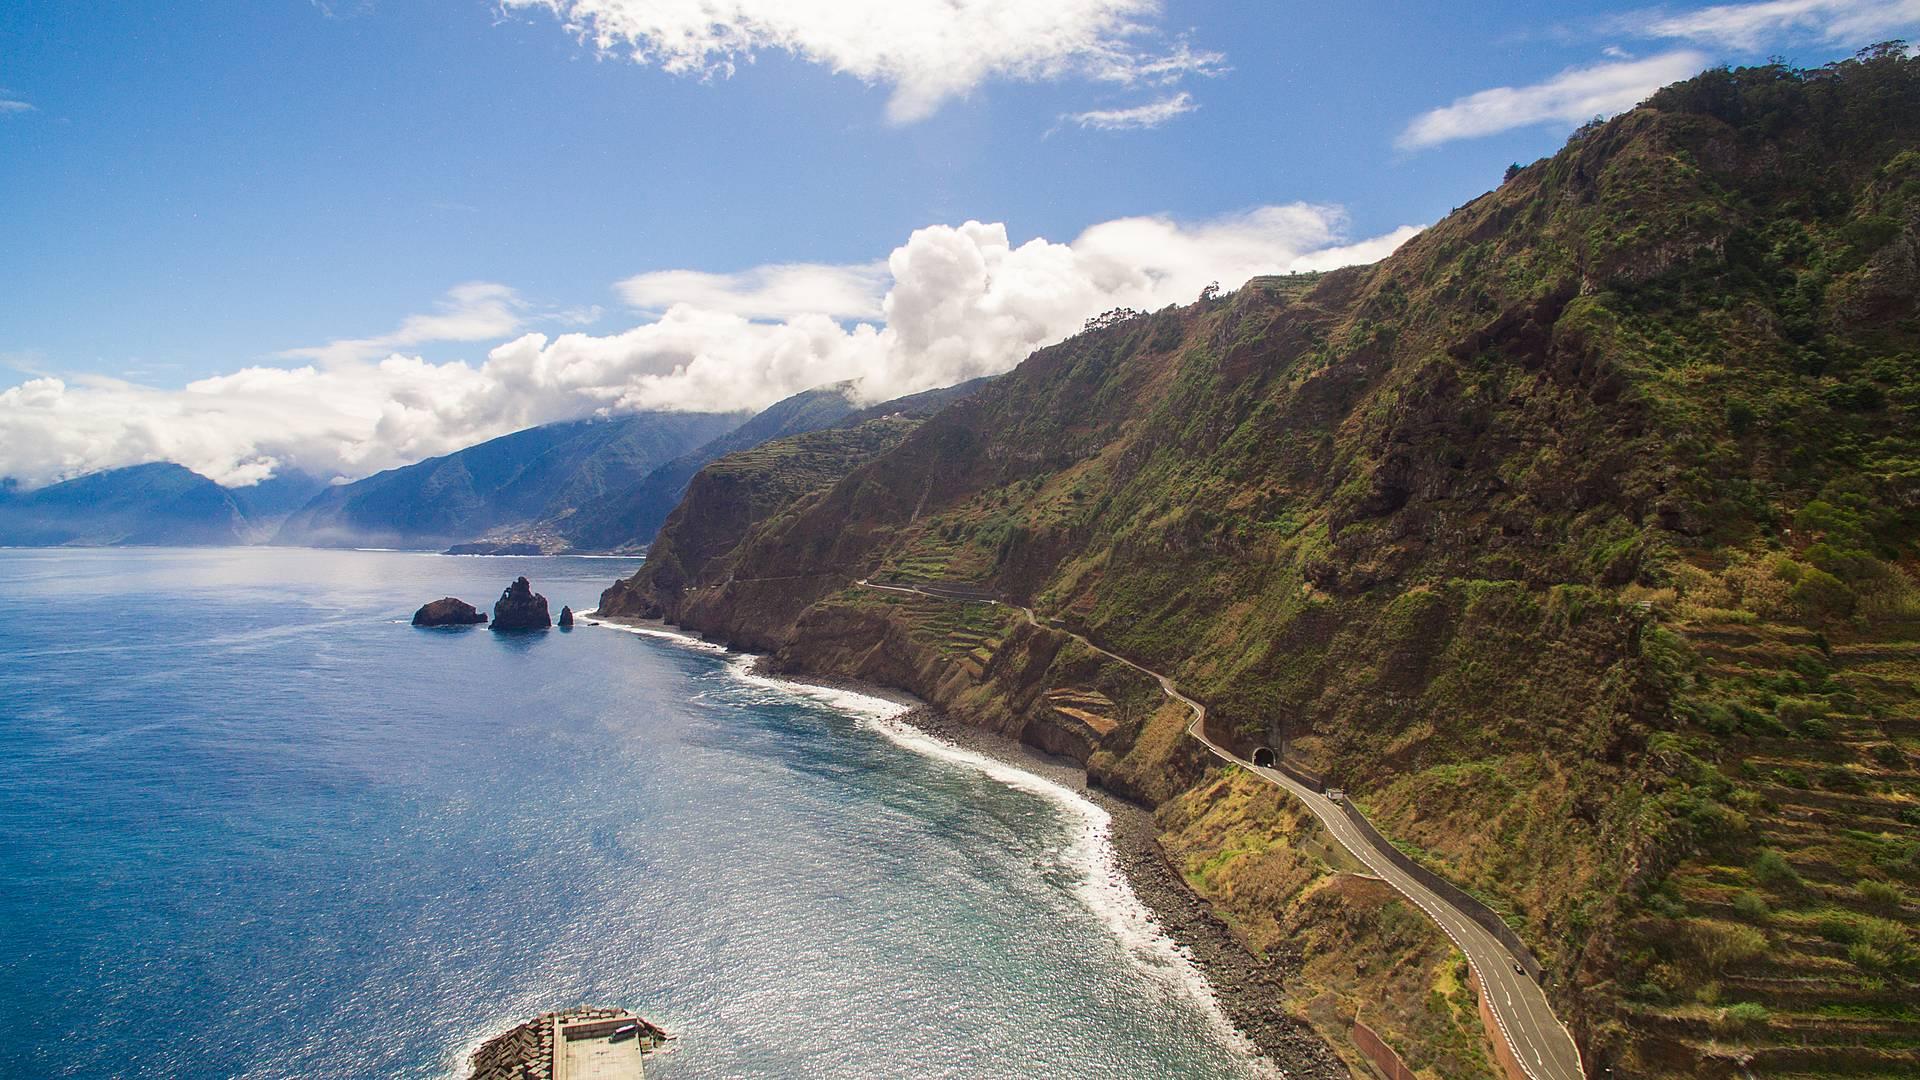 Die Insel mit dem Auto entdecken